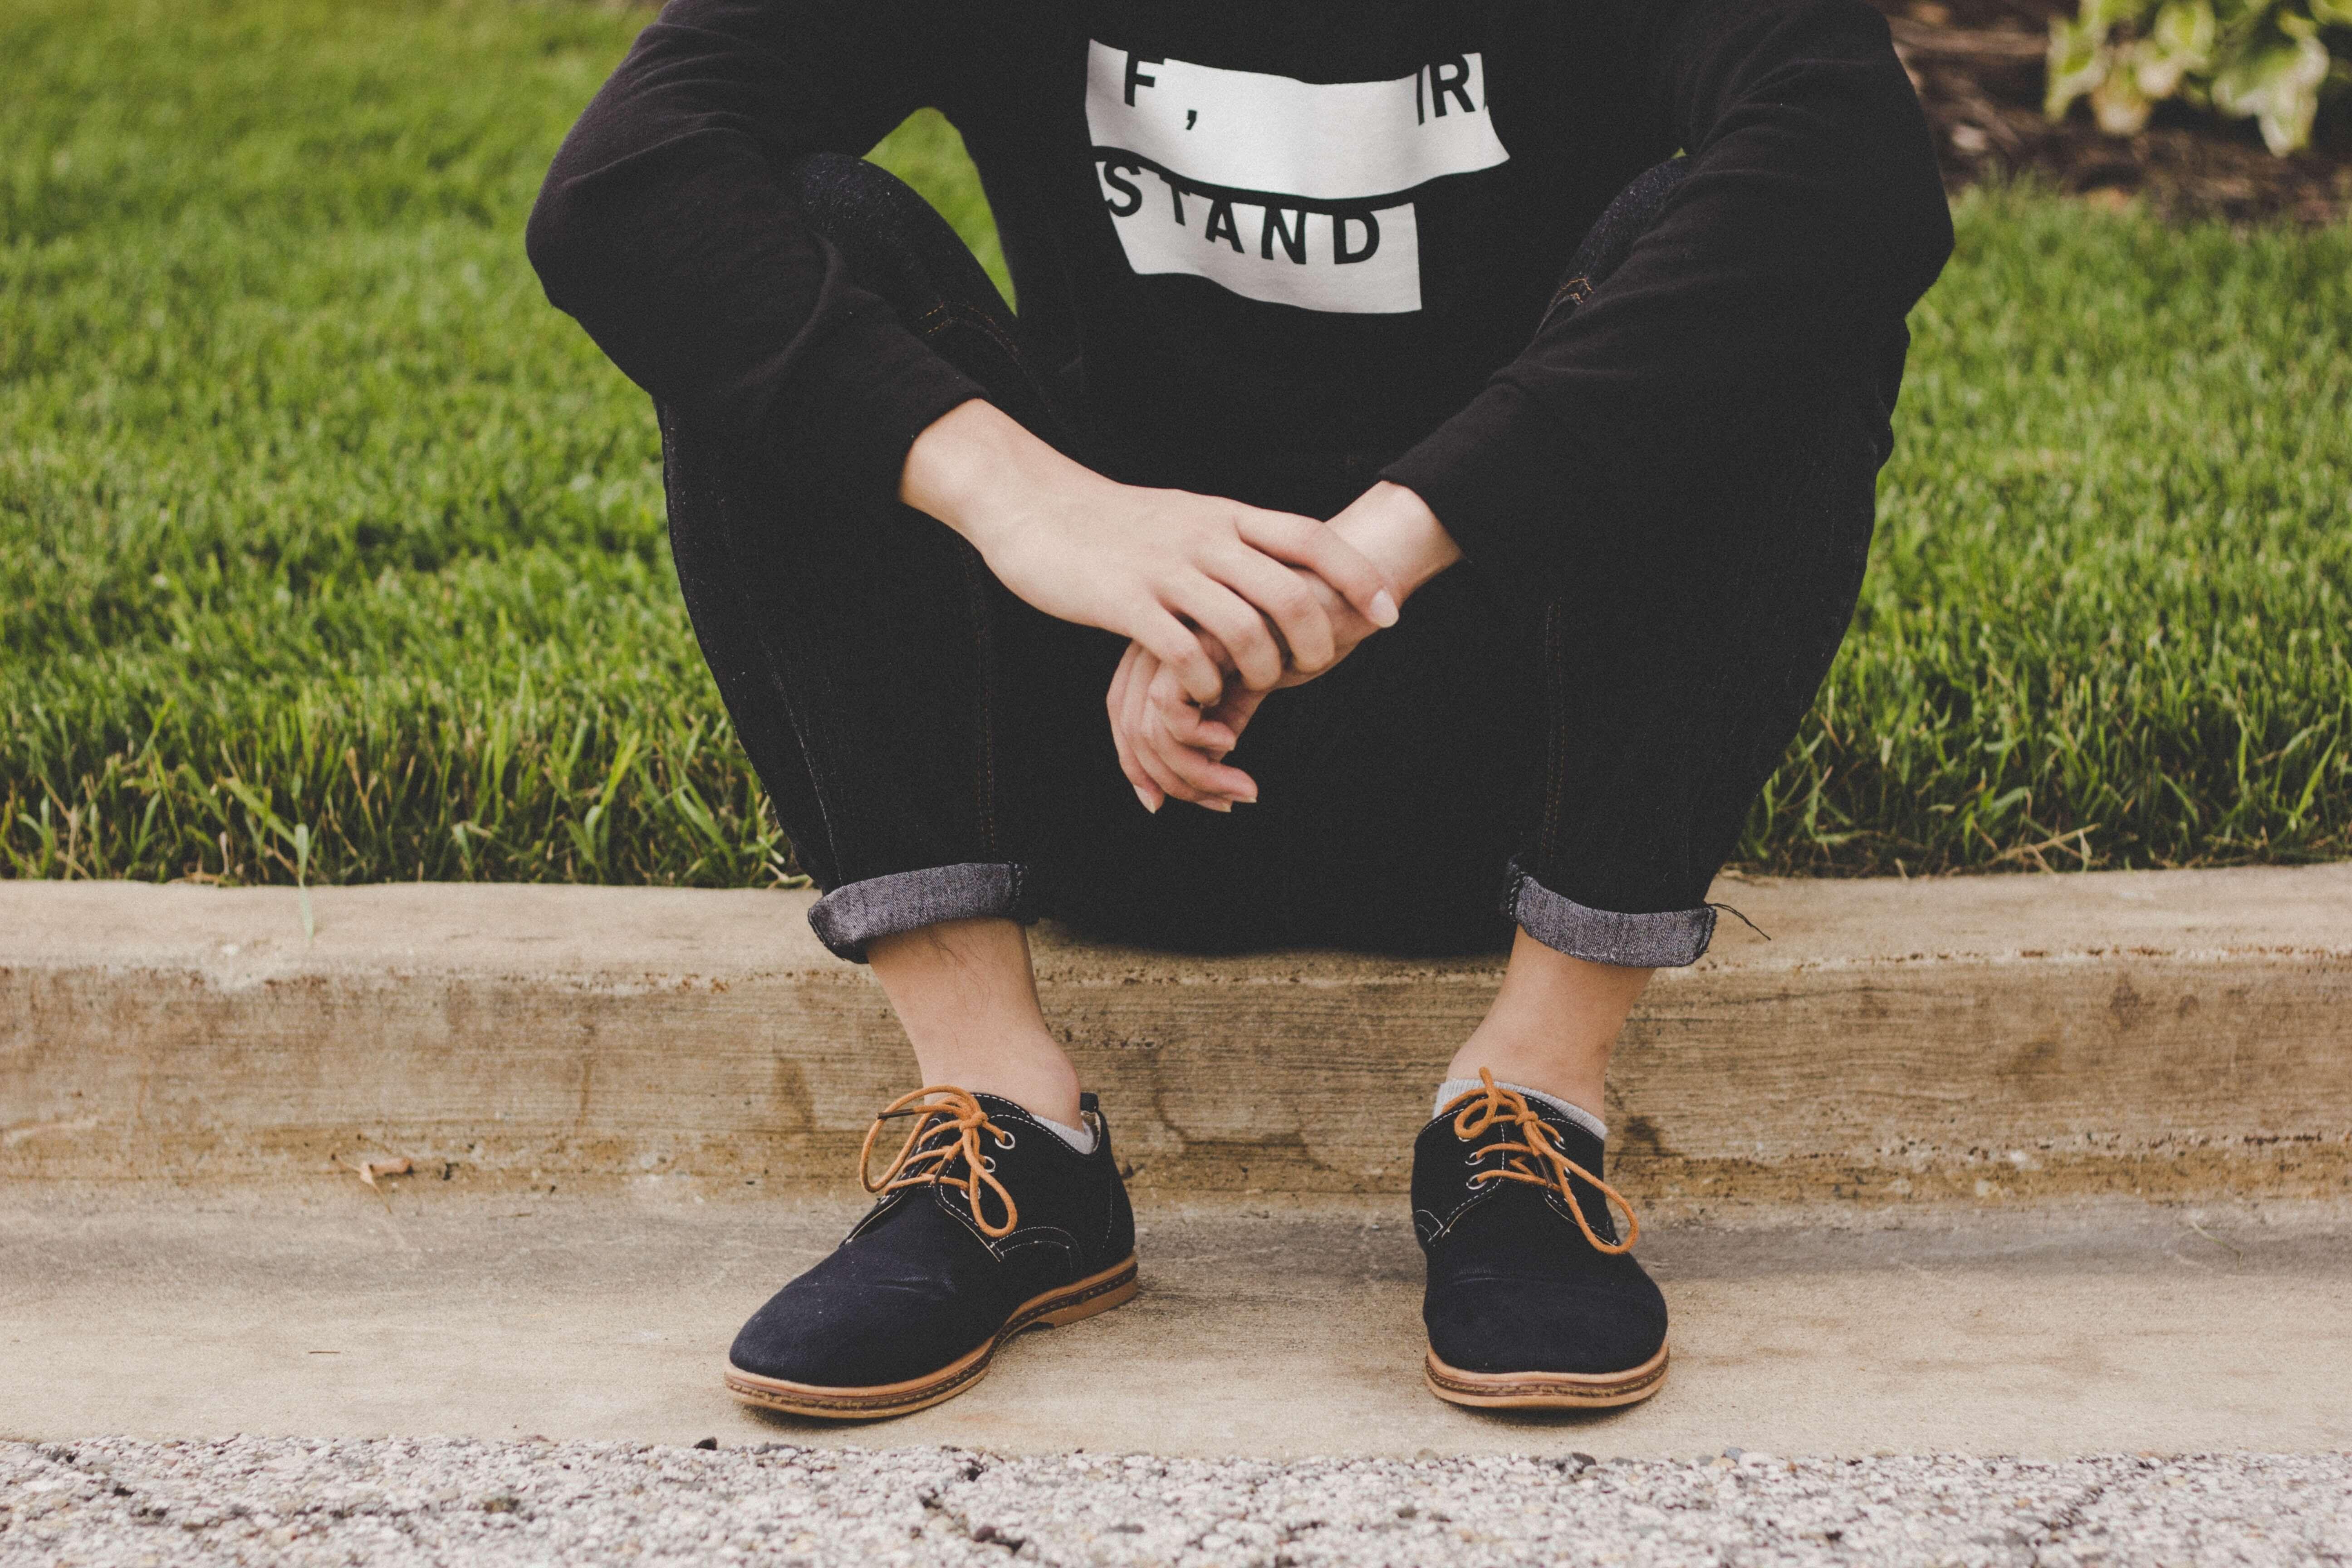 Ό,τι χρειάζεσαι για τη σωστή επιλογή ανδρικών παπουτσιών